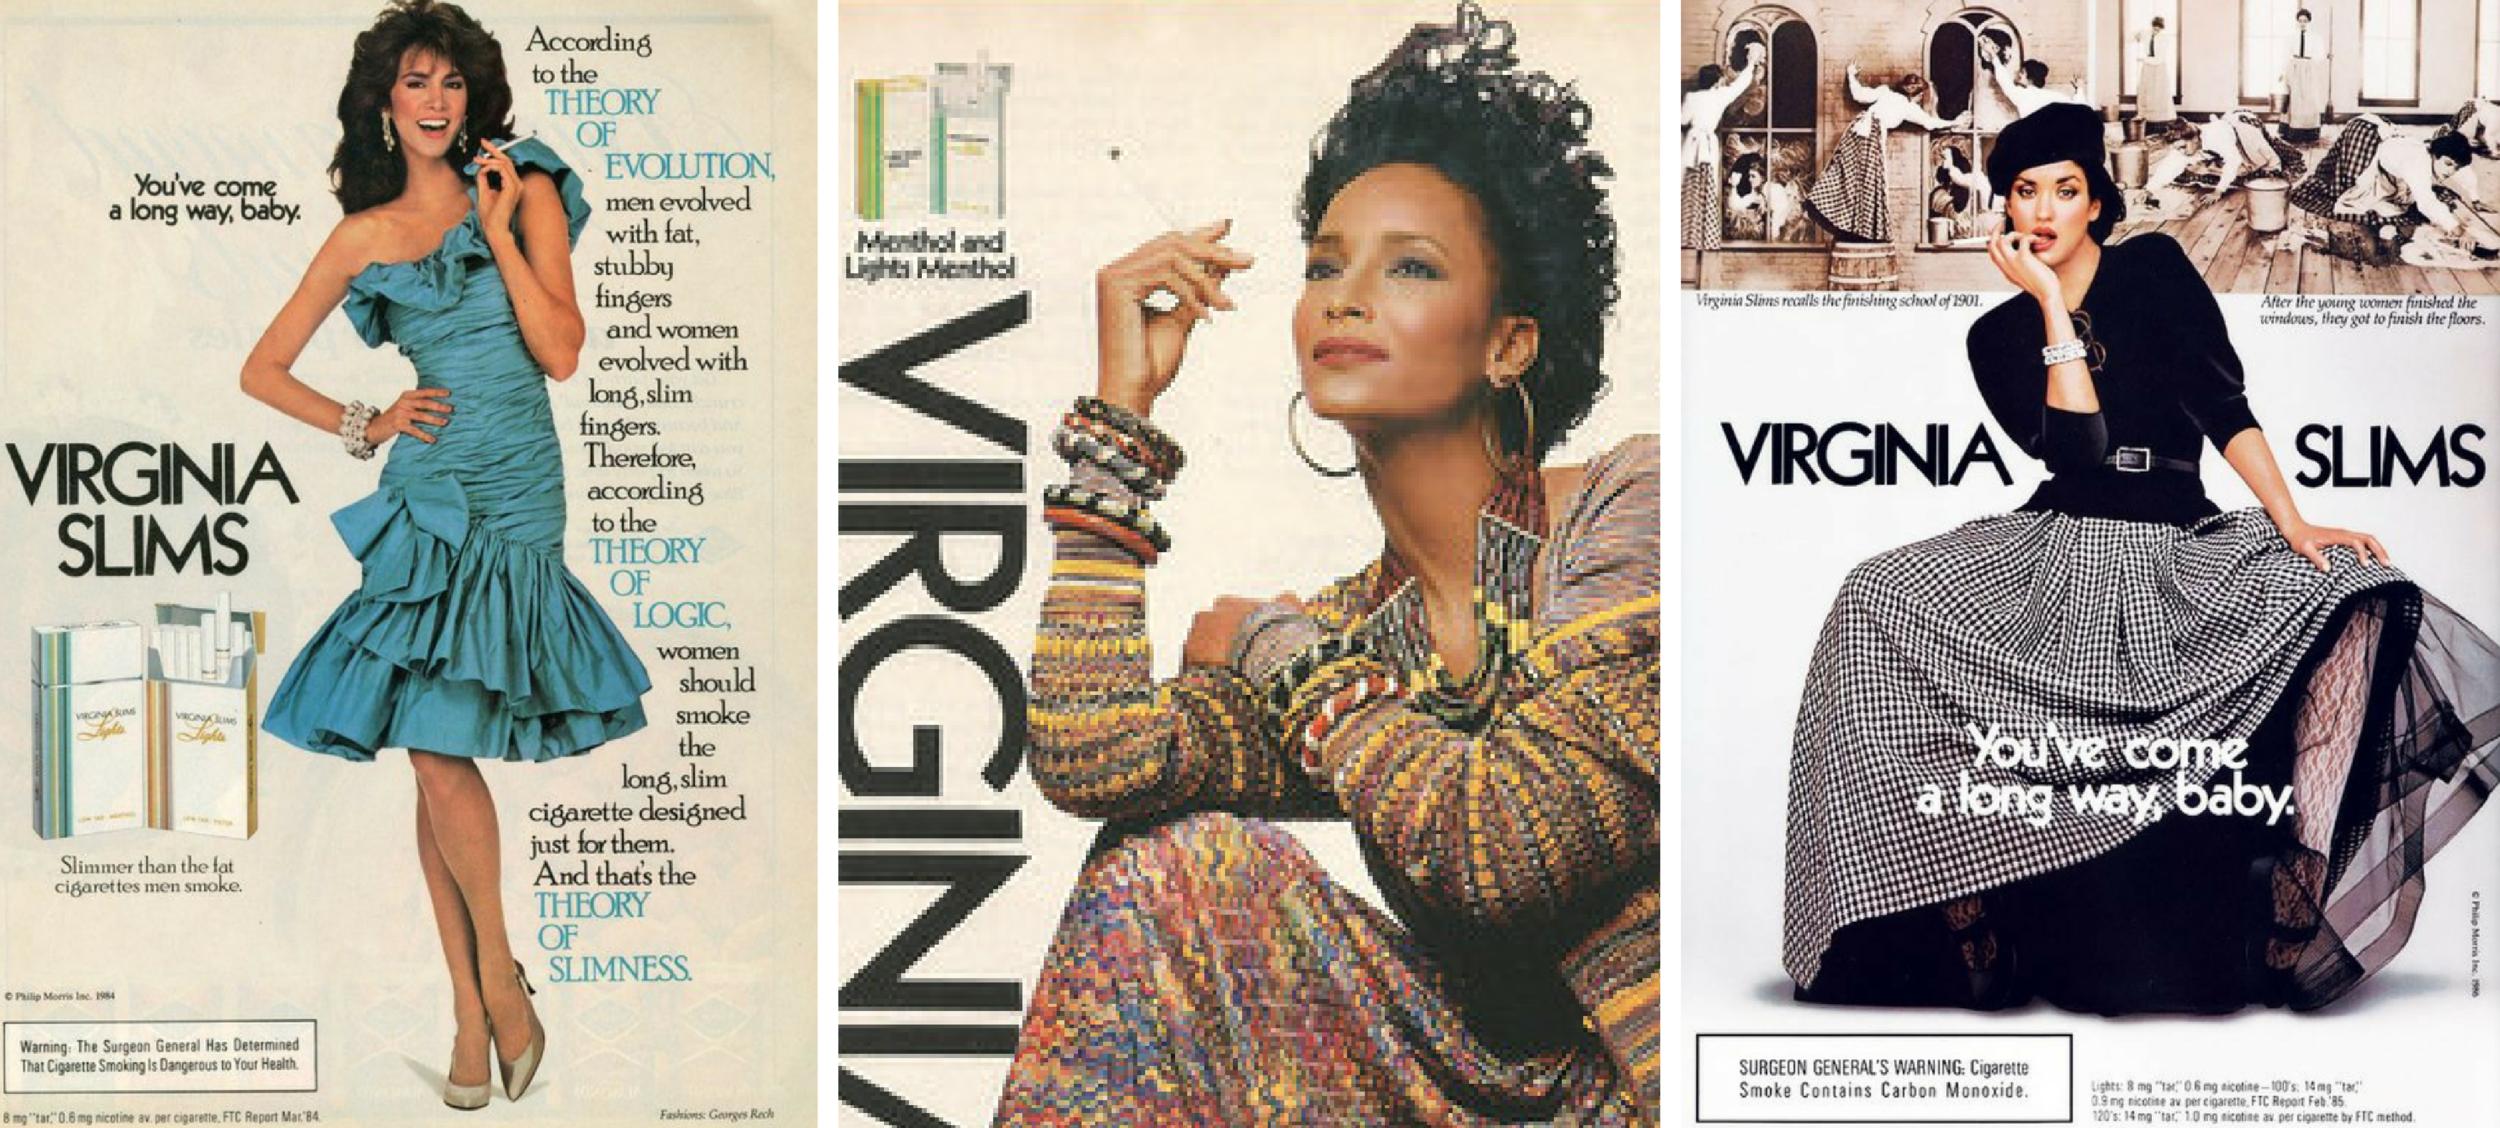 1978_Virginia_Slims_ad.jpg